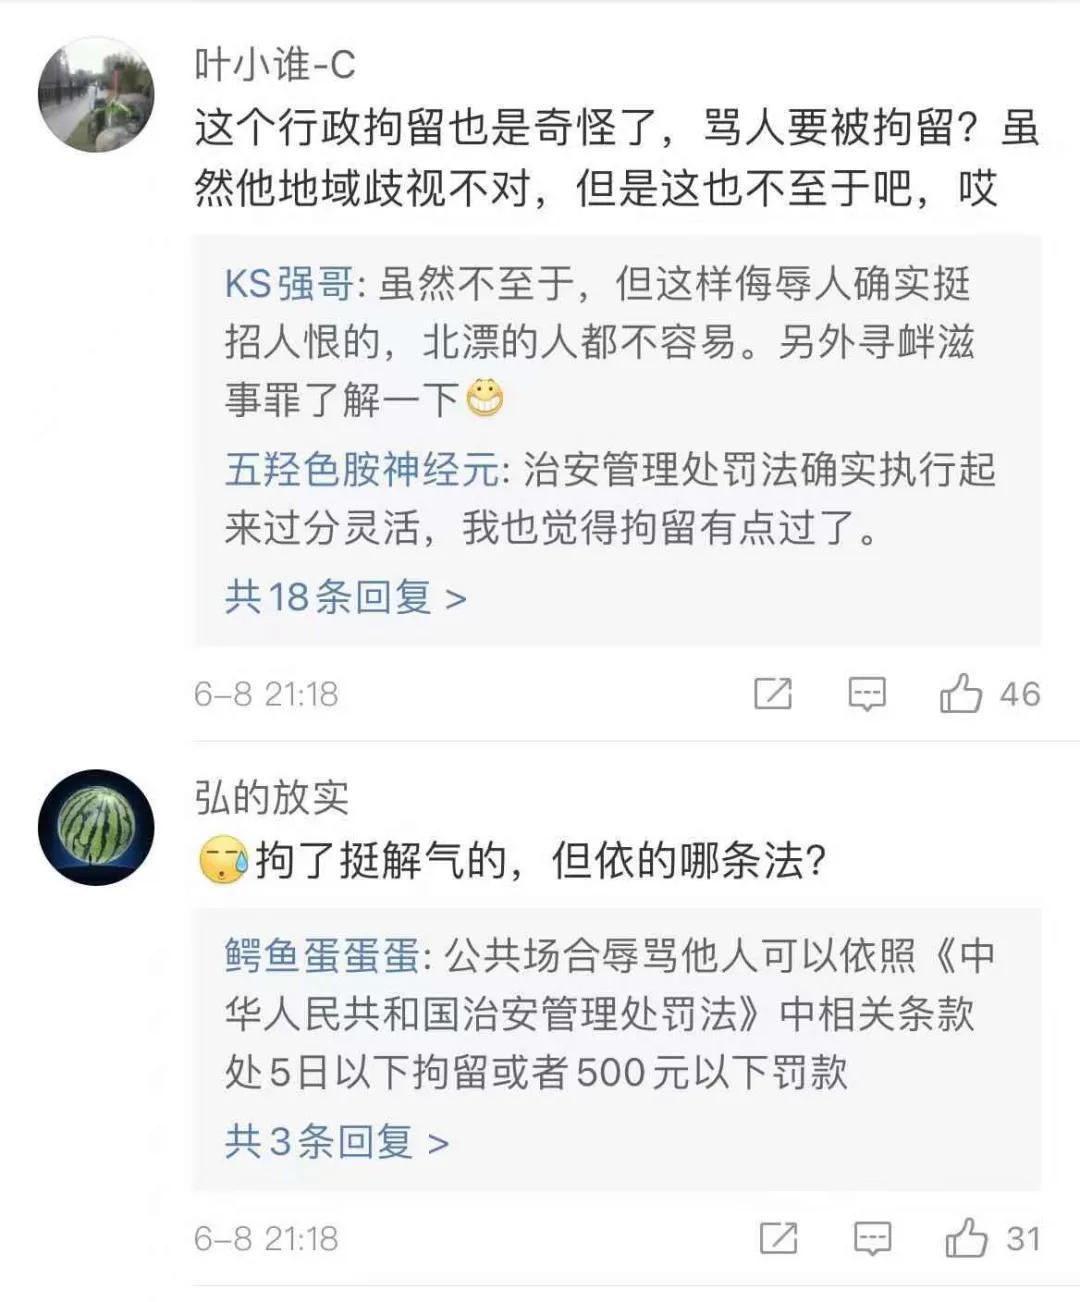 """正黄旗大妈被拘,搞地域黑的怕了吗 原创2021-06-08 23:08·敬一山 几天前,北京一位""""正黄旗大妈""""把自己整上了热搜。  在网友上传的现场视频中,这位自称肢体残疾的大妈,在大声指责别人没有第"""